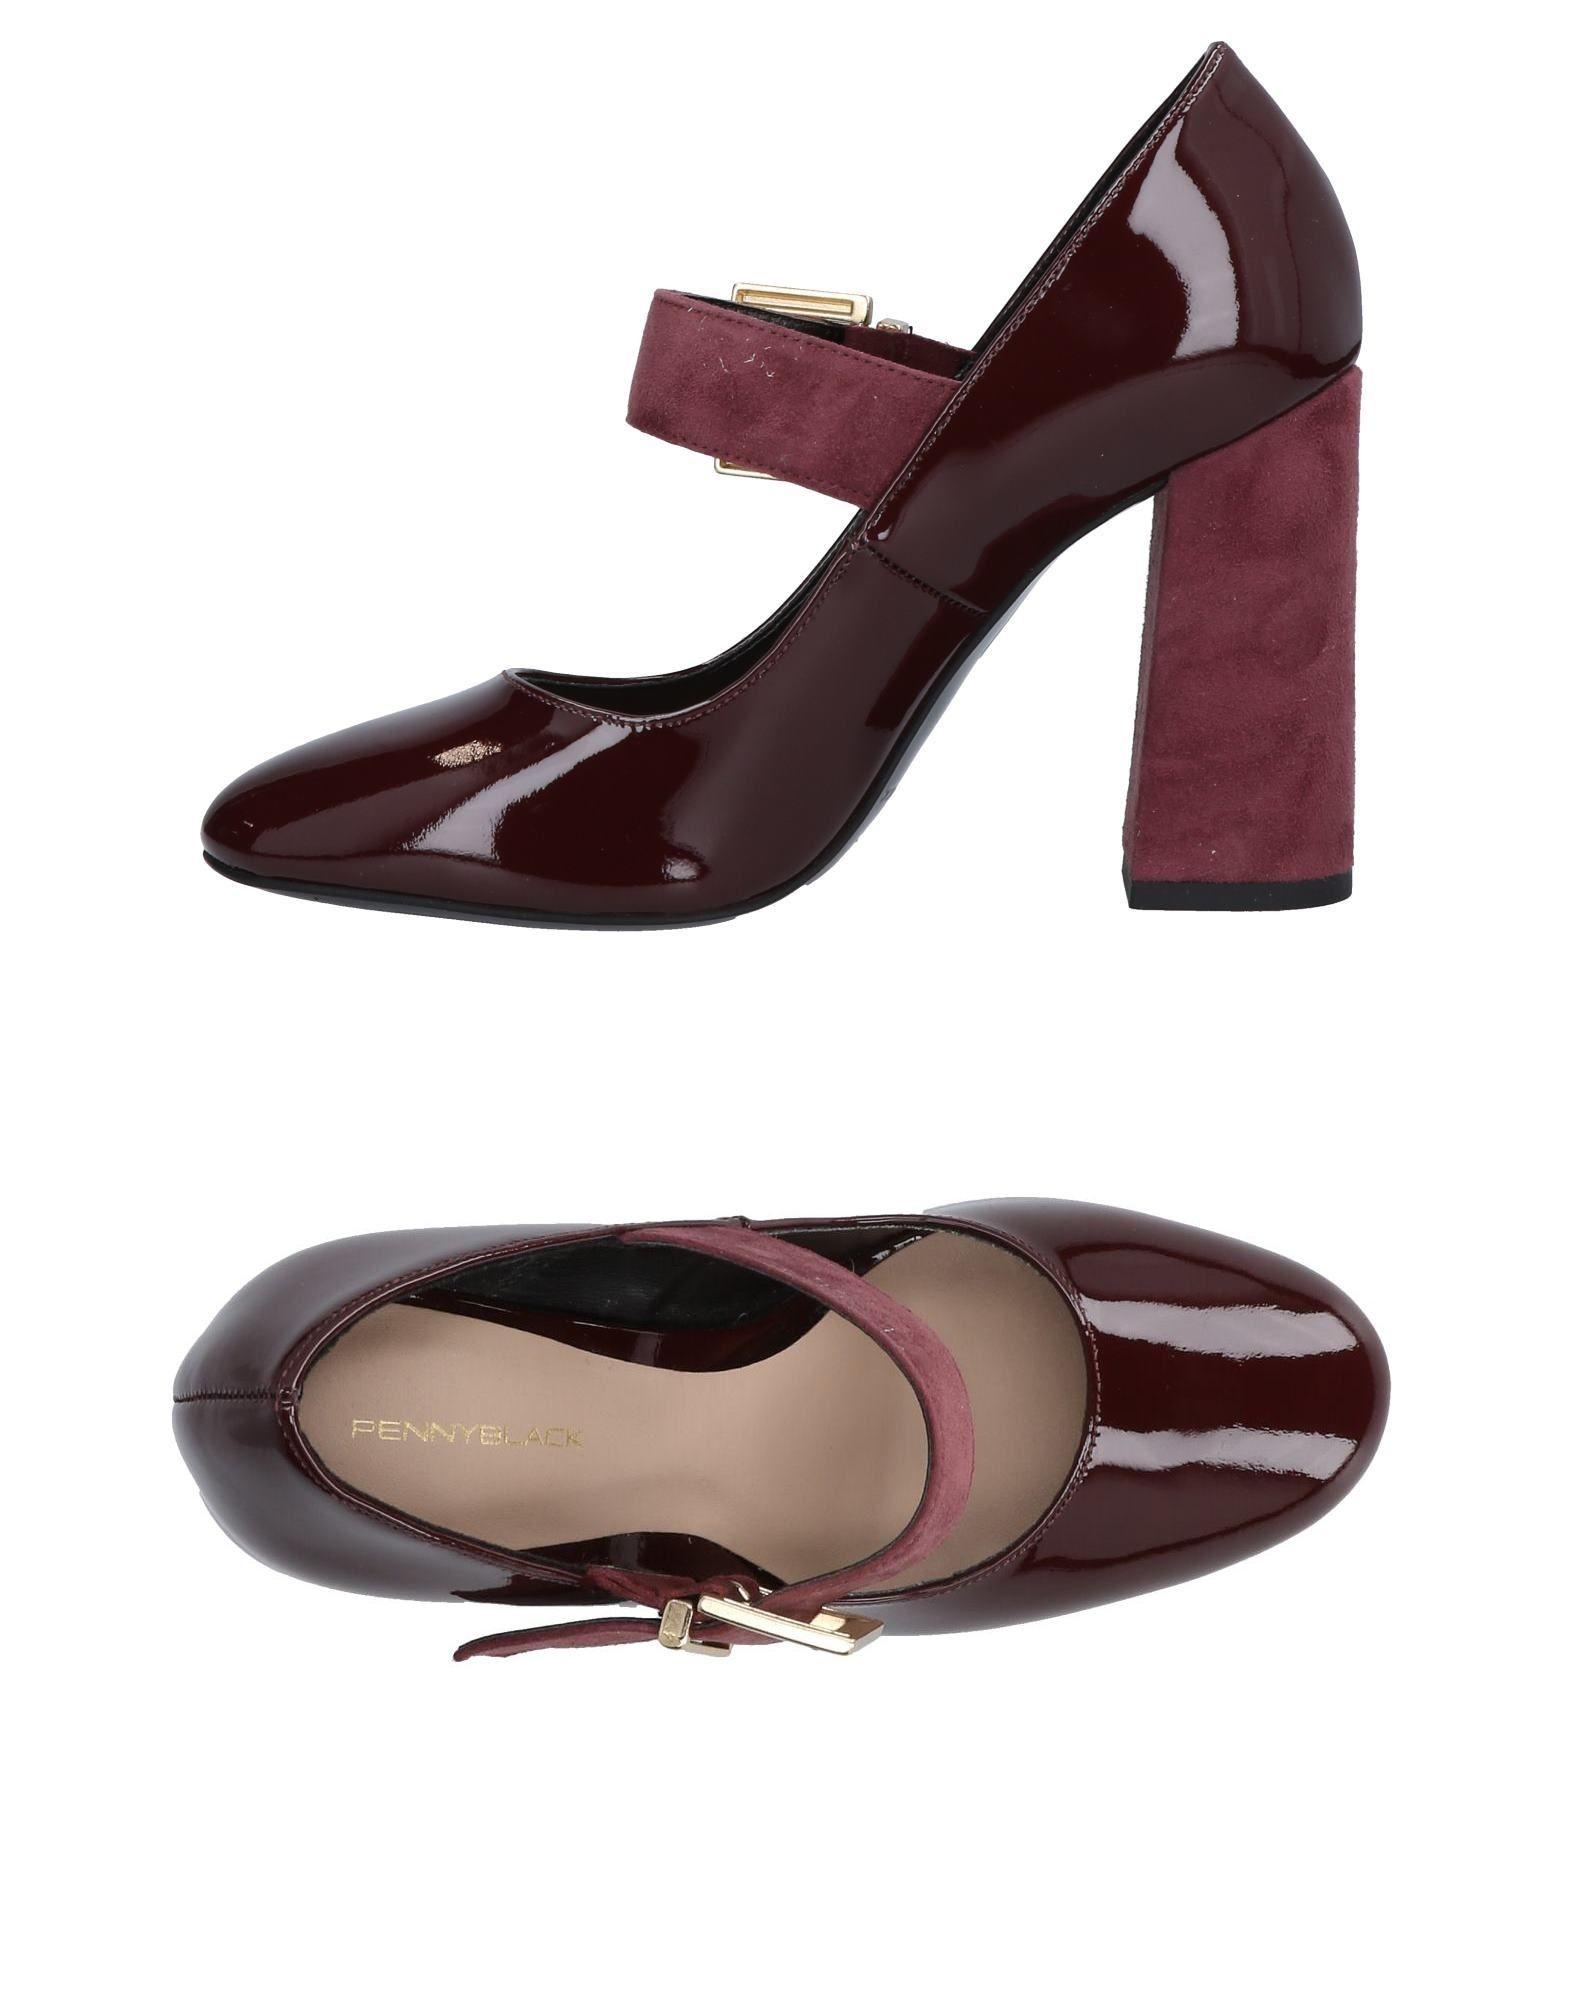 Pennyblack Pumps Damen  11489567ED Gute Qualität beliebte Schuhe